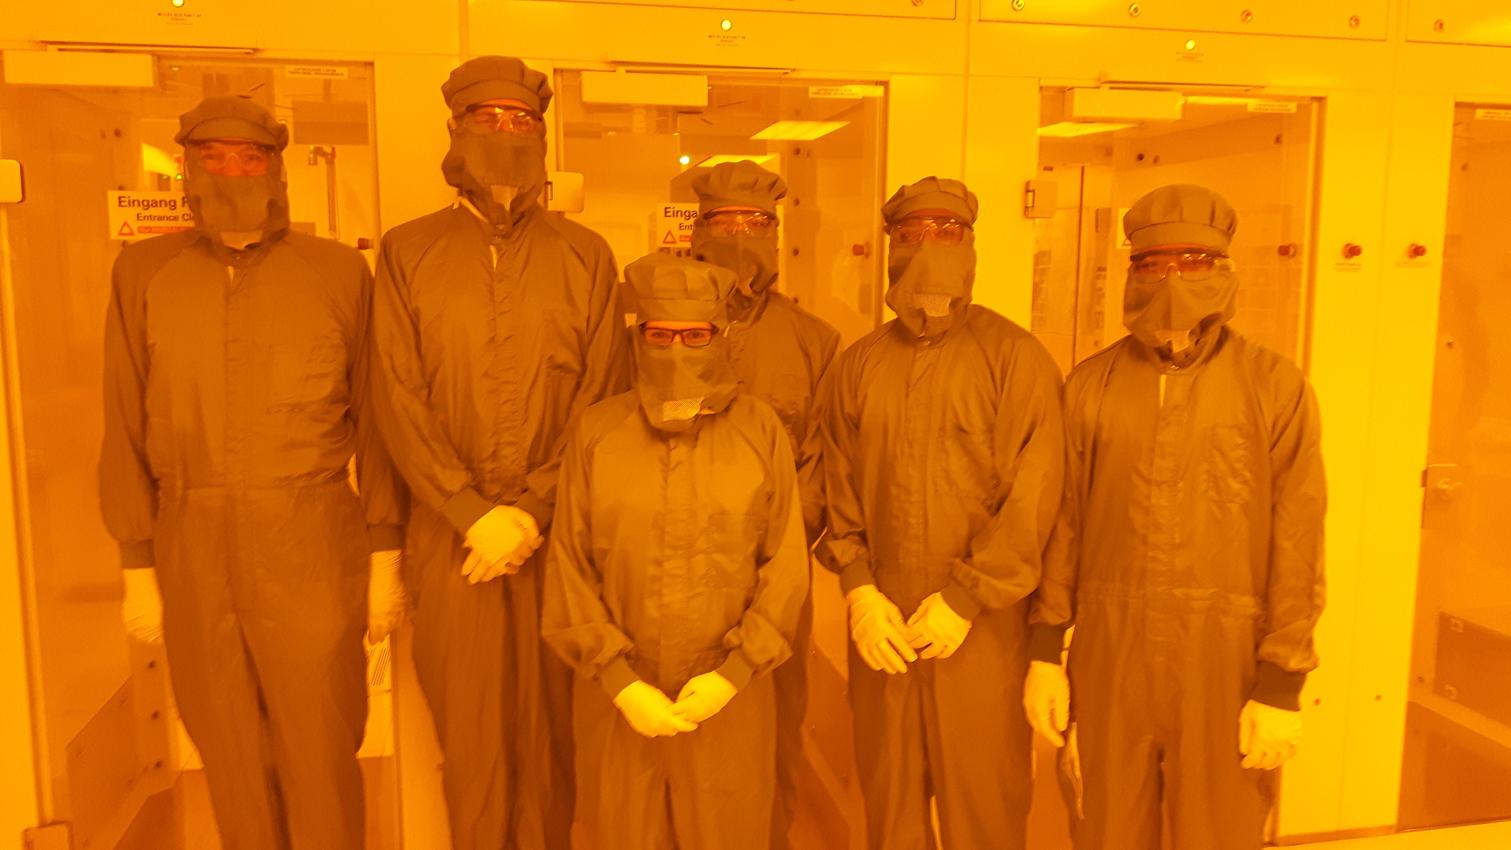 www.fb06.fh-muenchen.de/fb/images/img_upld/nachrichten/exkursion_texas_instruments.jpg